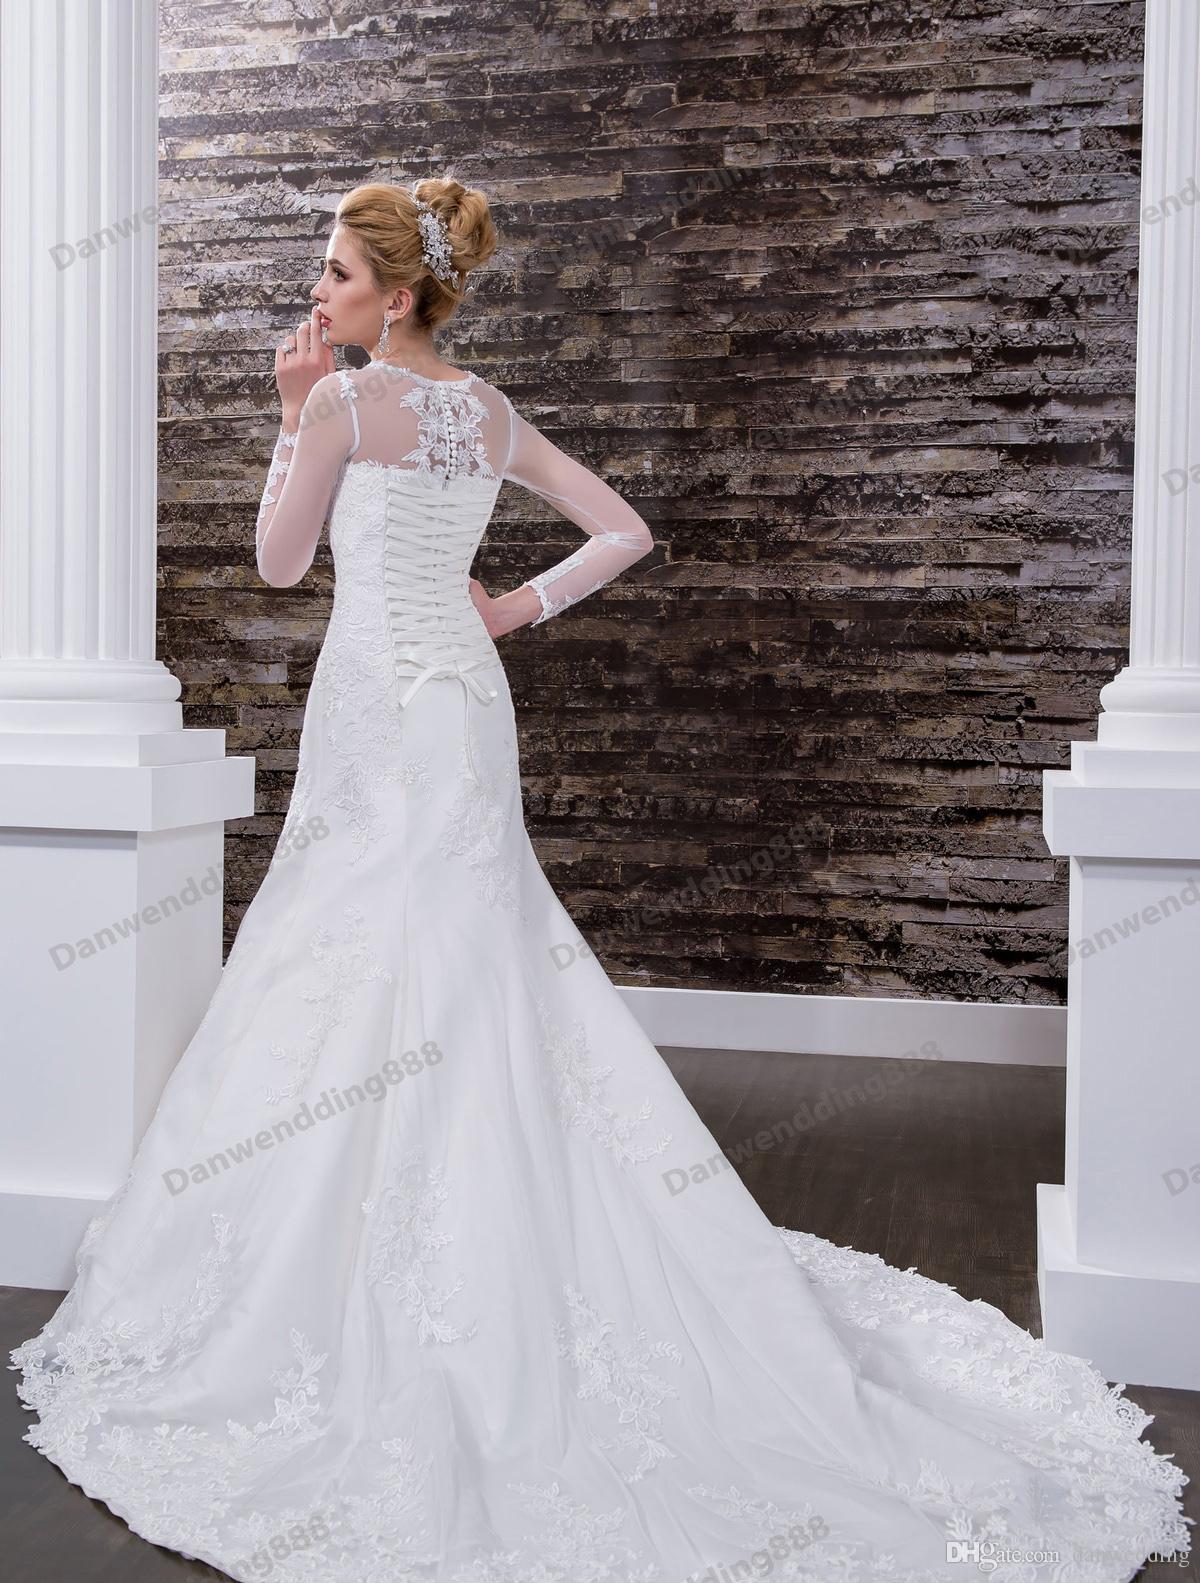 Grace Ivory Tulle Jewel Sleeves Applique Vestidos de novia de sirena Vestidos del desfile nupcial Vestidos de novia Tamaño personalizado 2-16 ZW612181